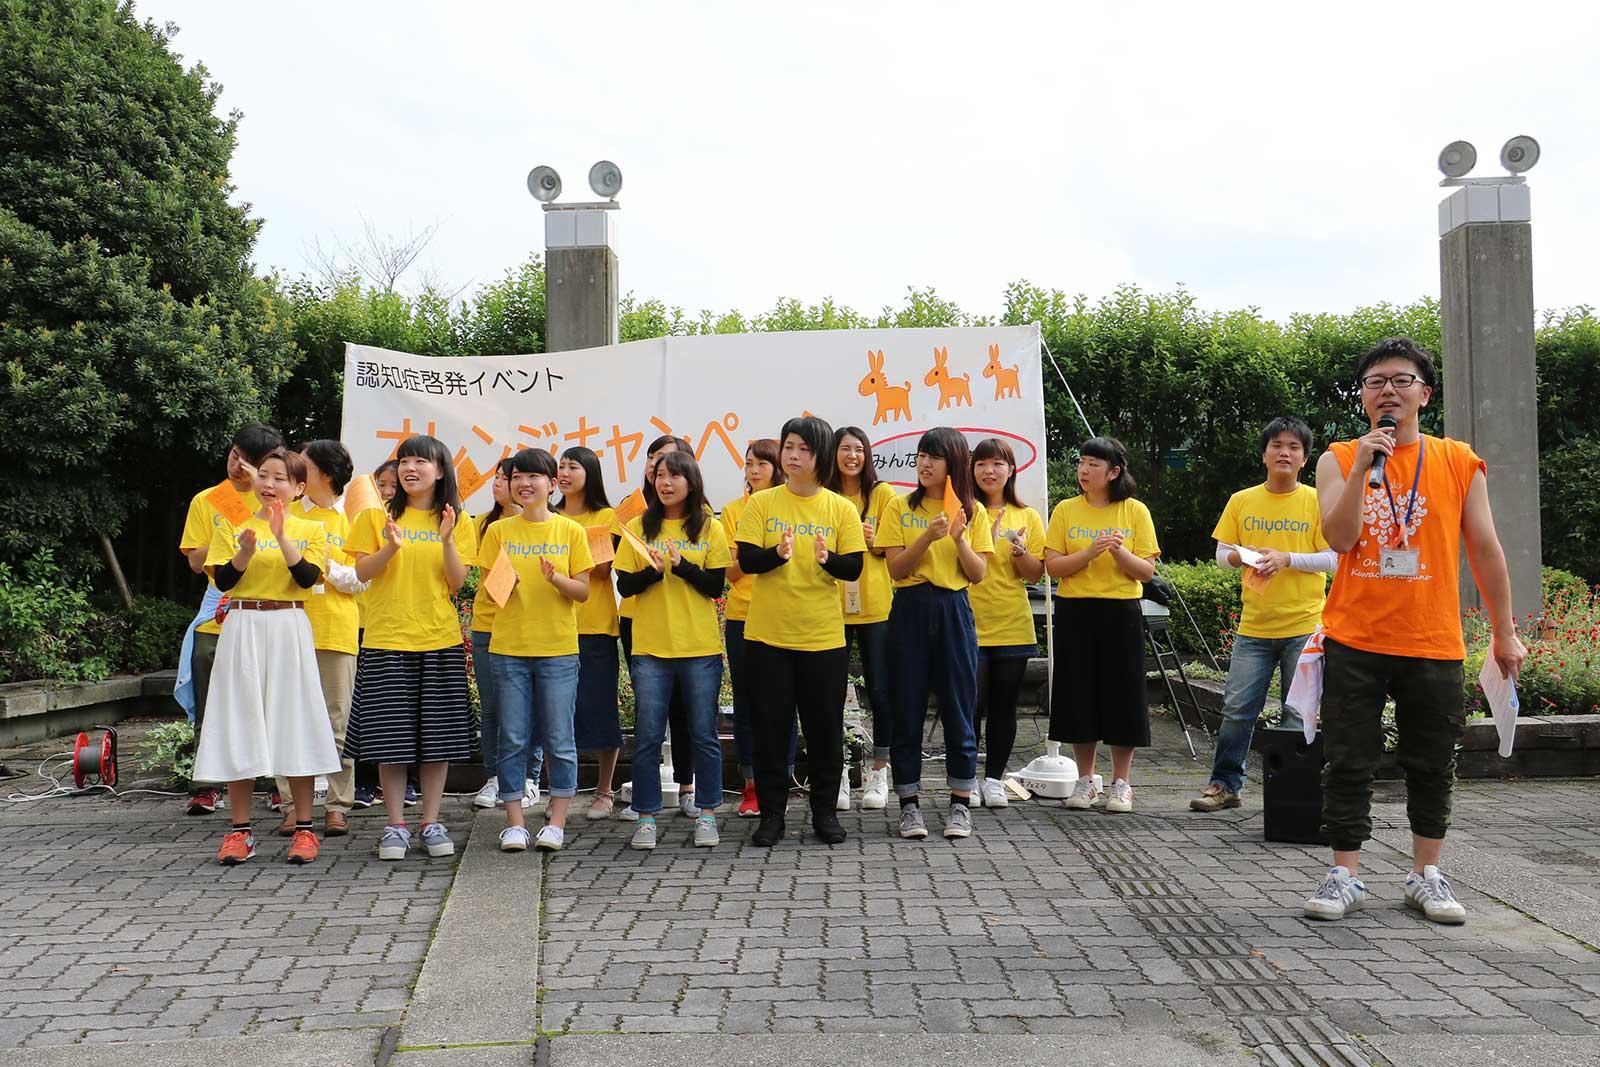 10月2日(日)、河内長野市主催「認知症啓発イベントオレンジキャンペーン」に本学学生も参加